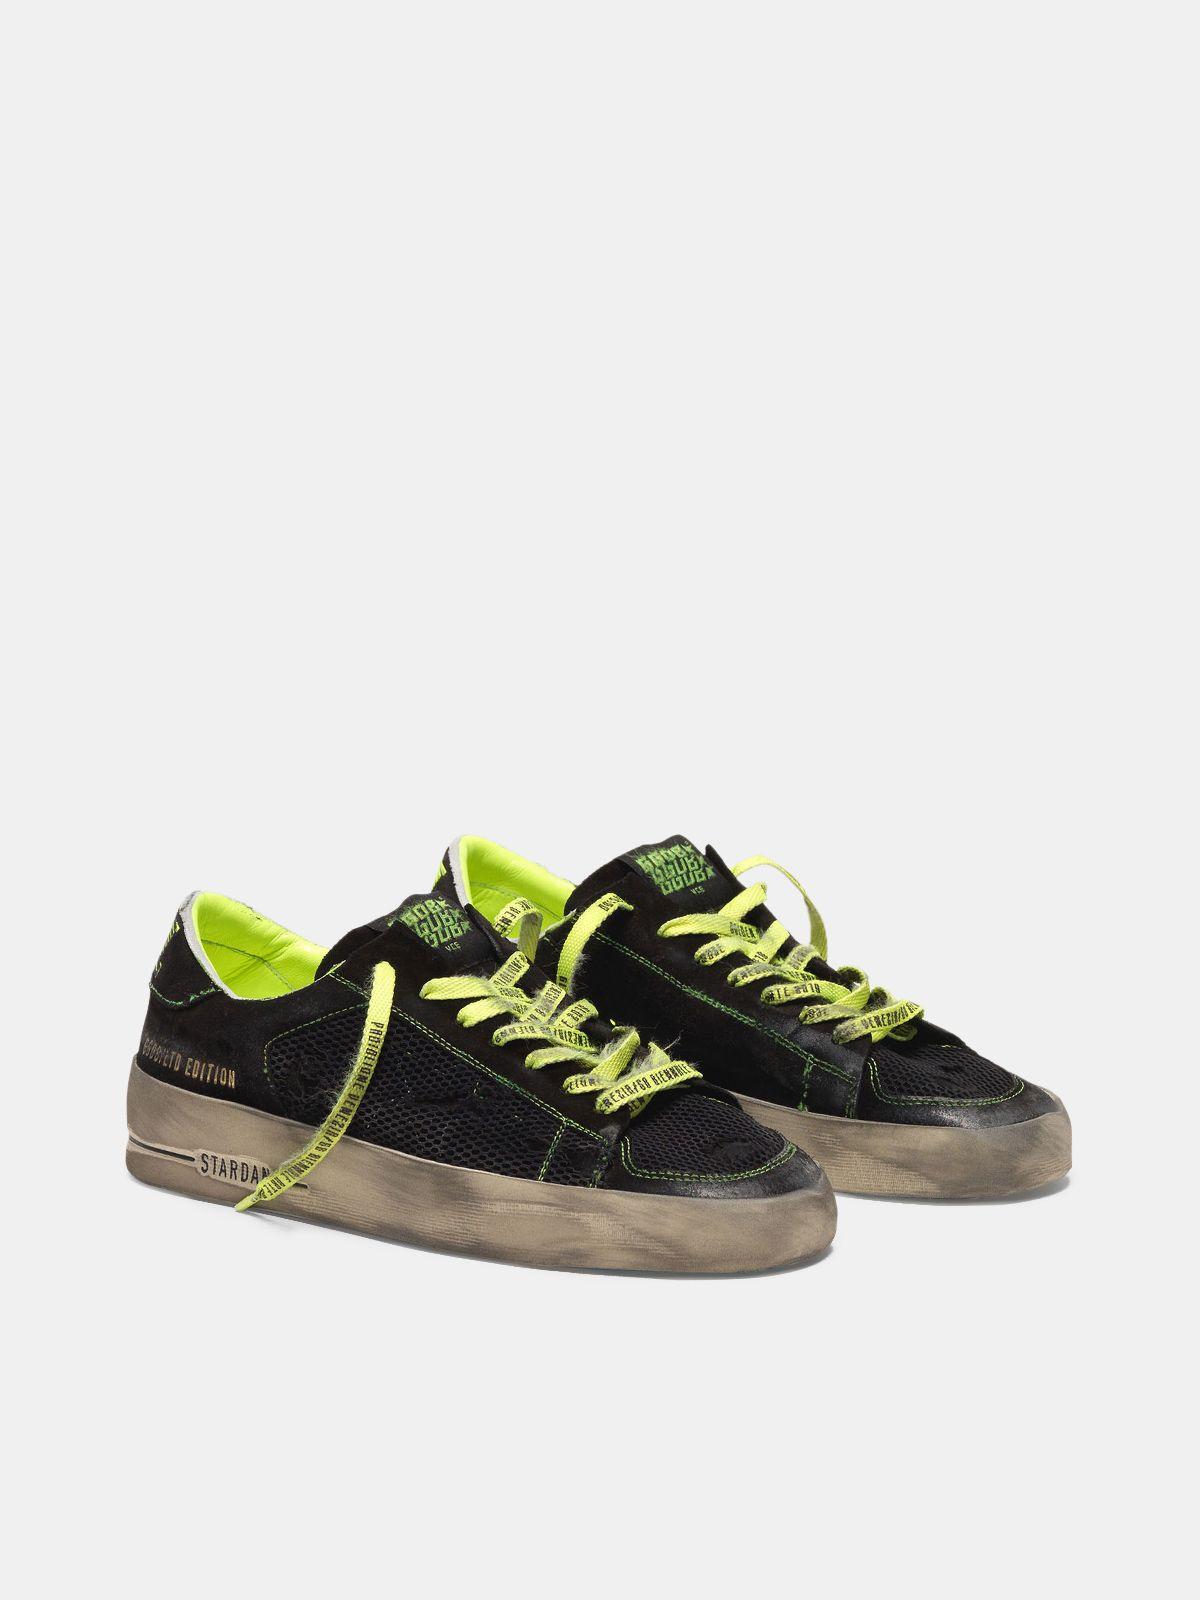 Golden Goose - Stardan Venice Biennale Sneakers  in